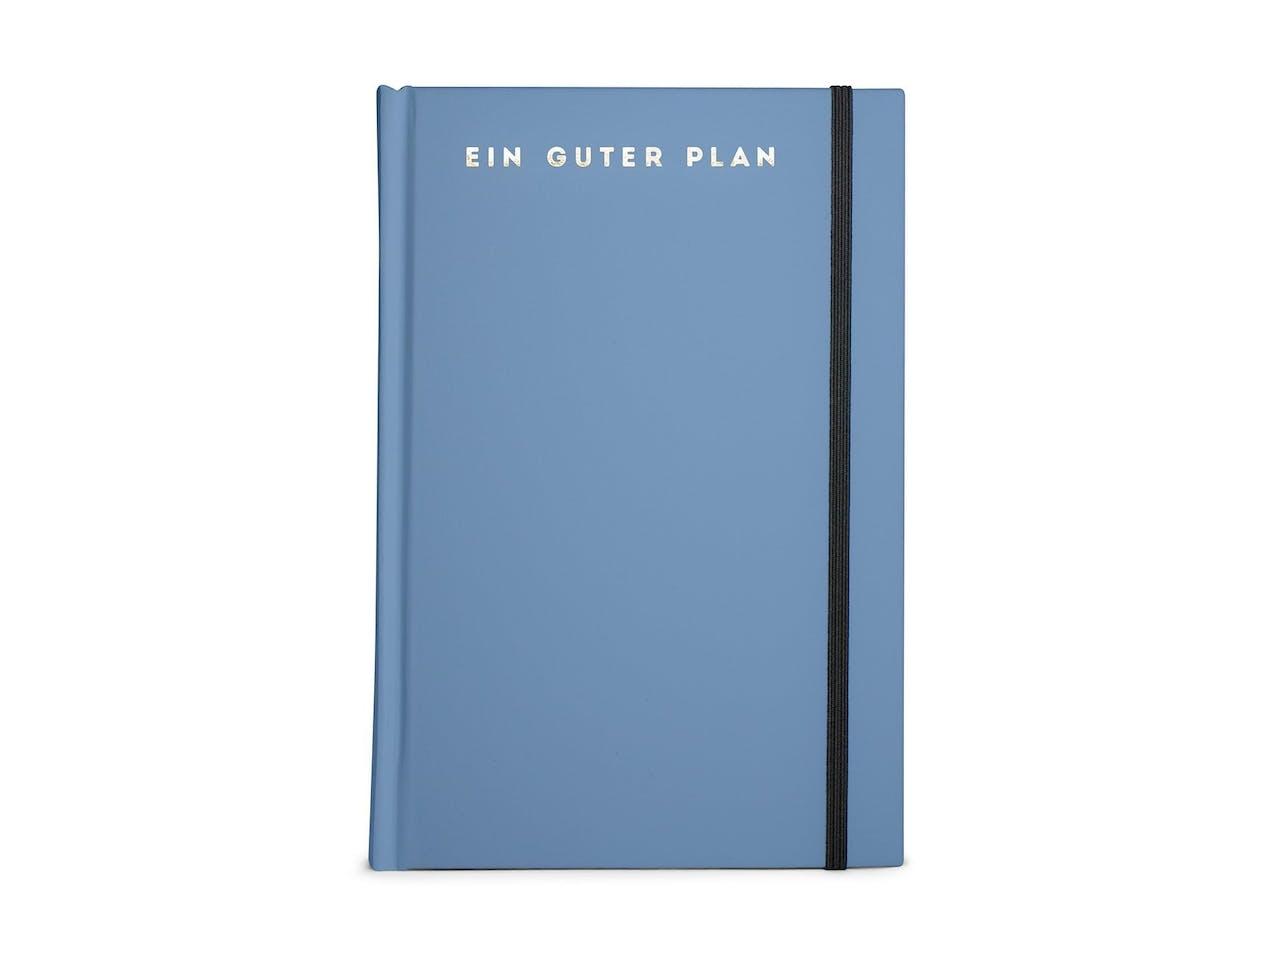 Wochenkalender Ein guter Plan Pro, 2019, 13 x 20 cm, Hardcover, Vinyl-Einband, taube